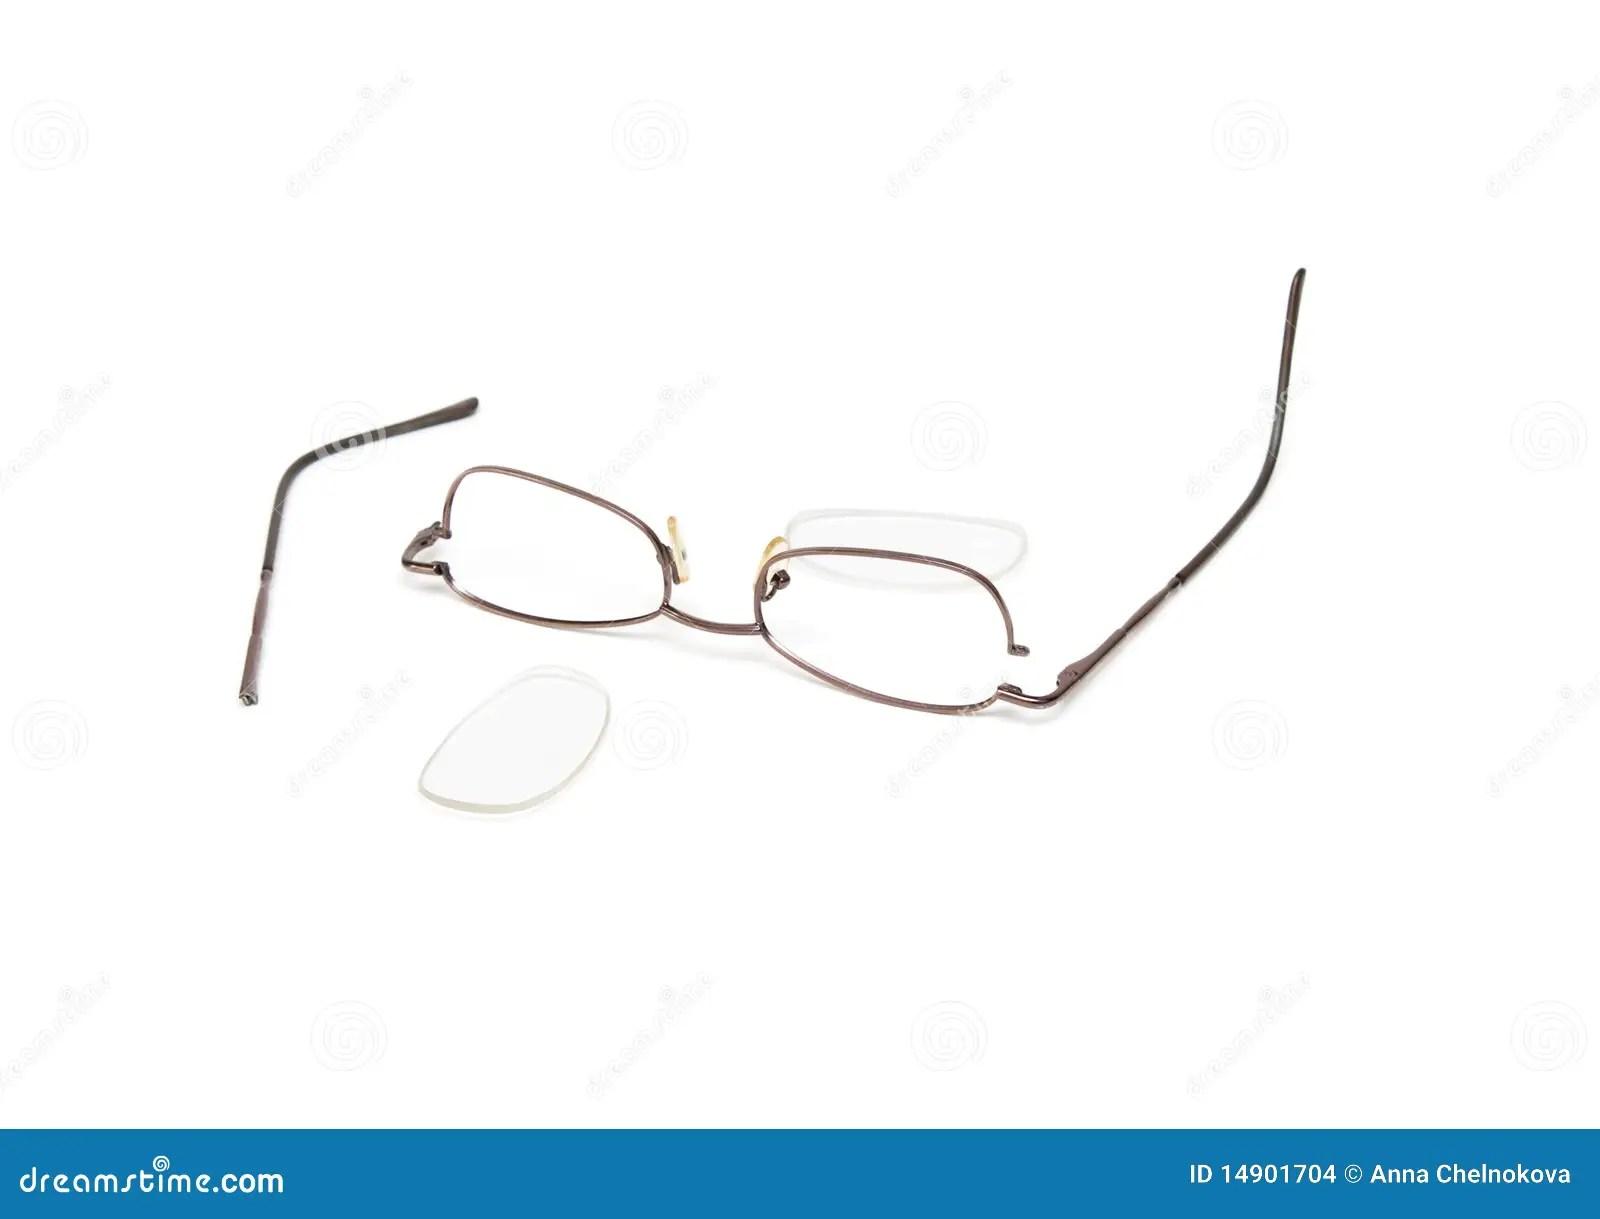 Dream Meaning Of Broken Eye Glasses